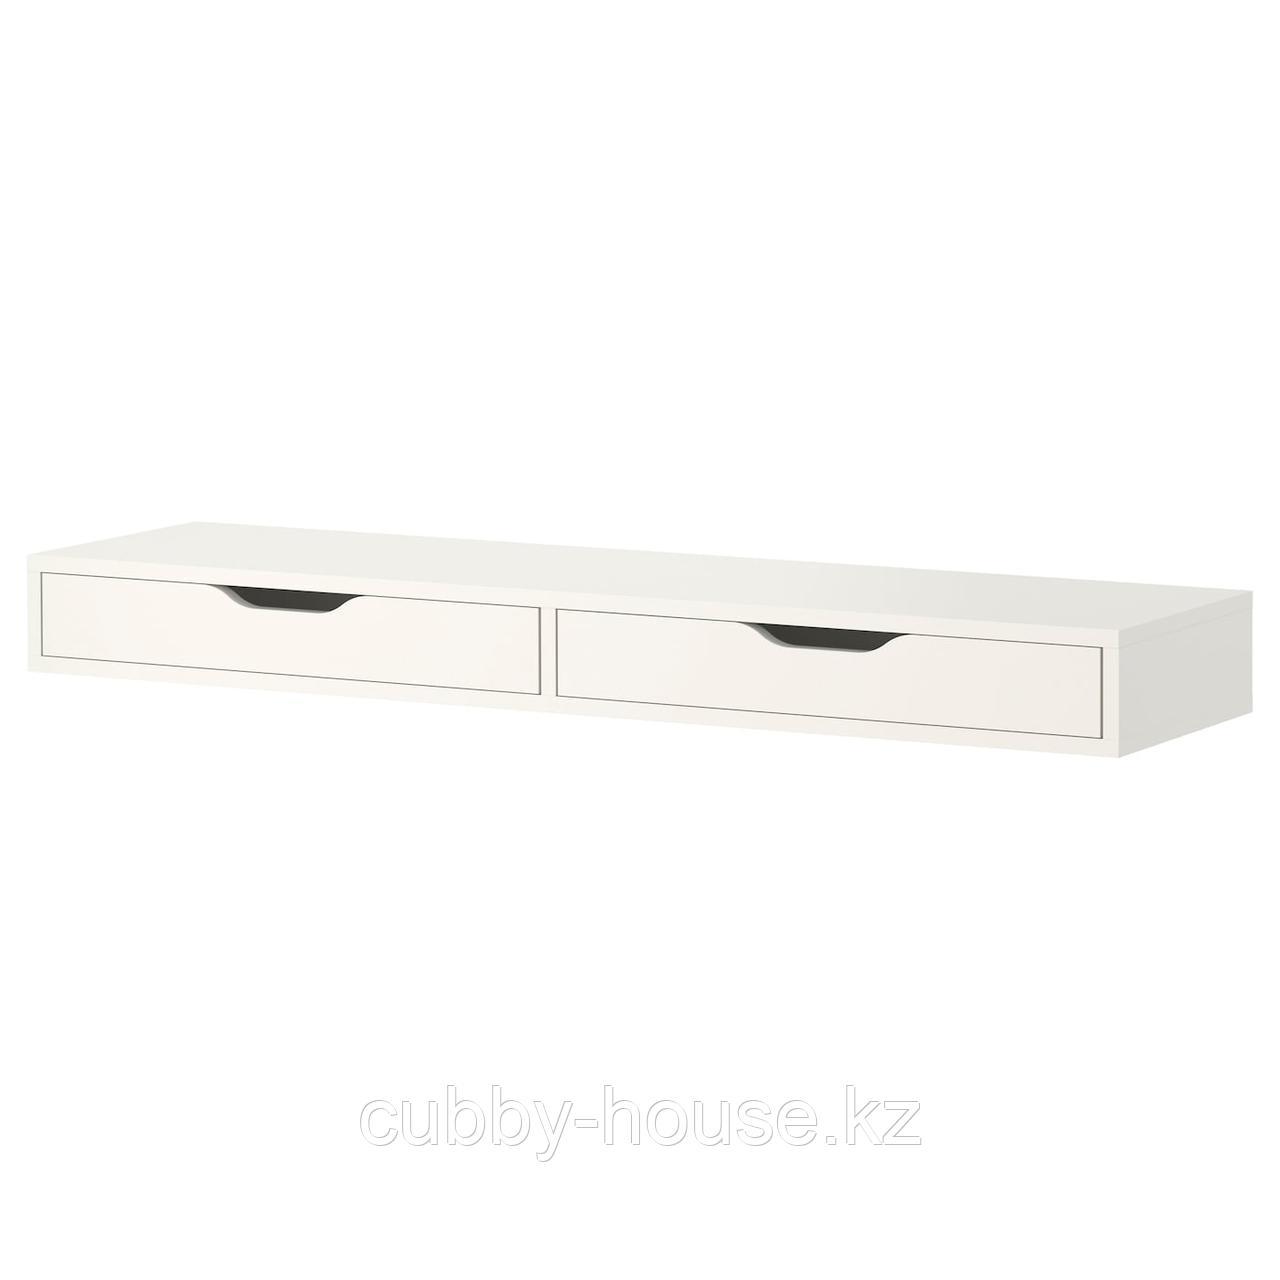 ЭКБИ АЛЕКС Полка с ящиками, белый, 119x29 см